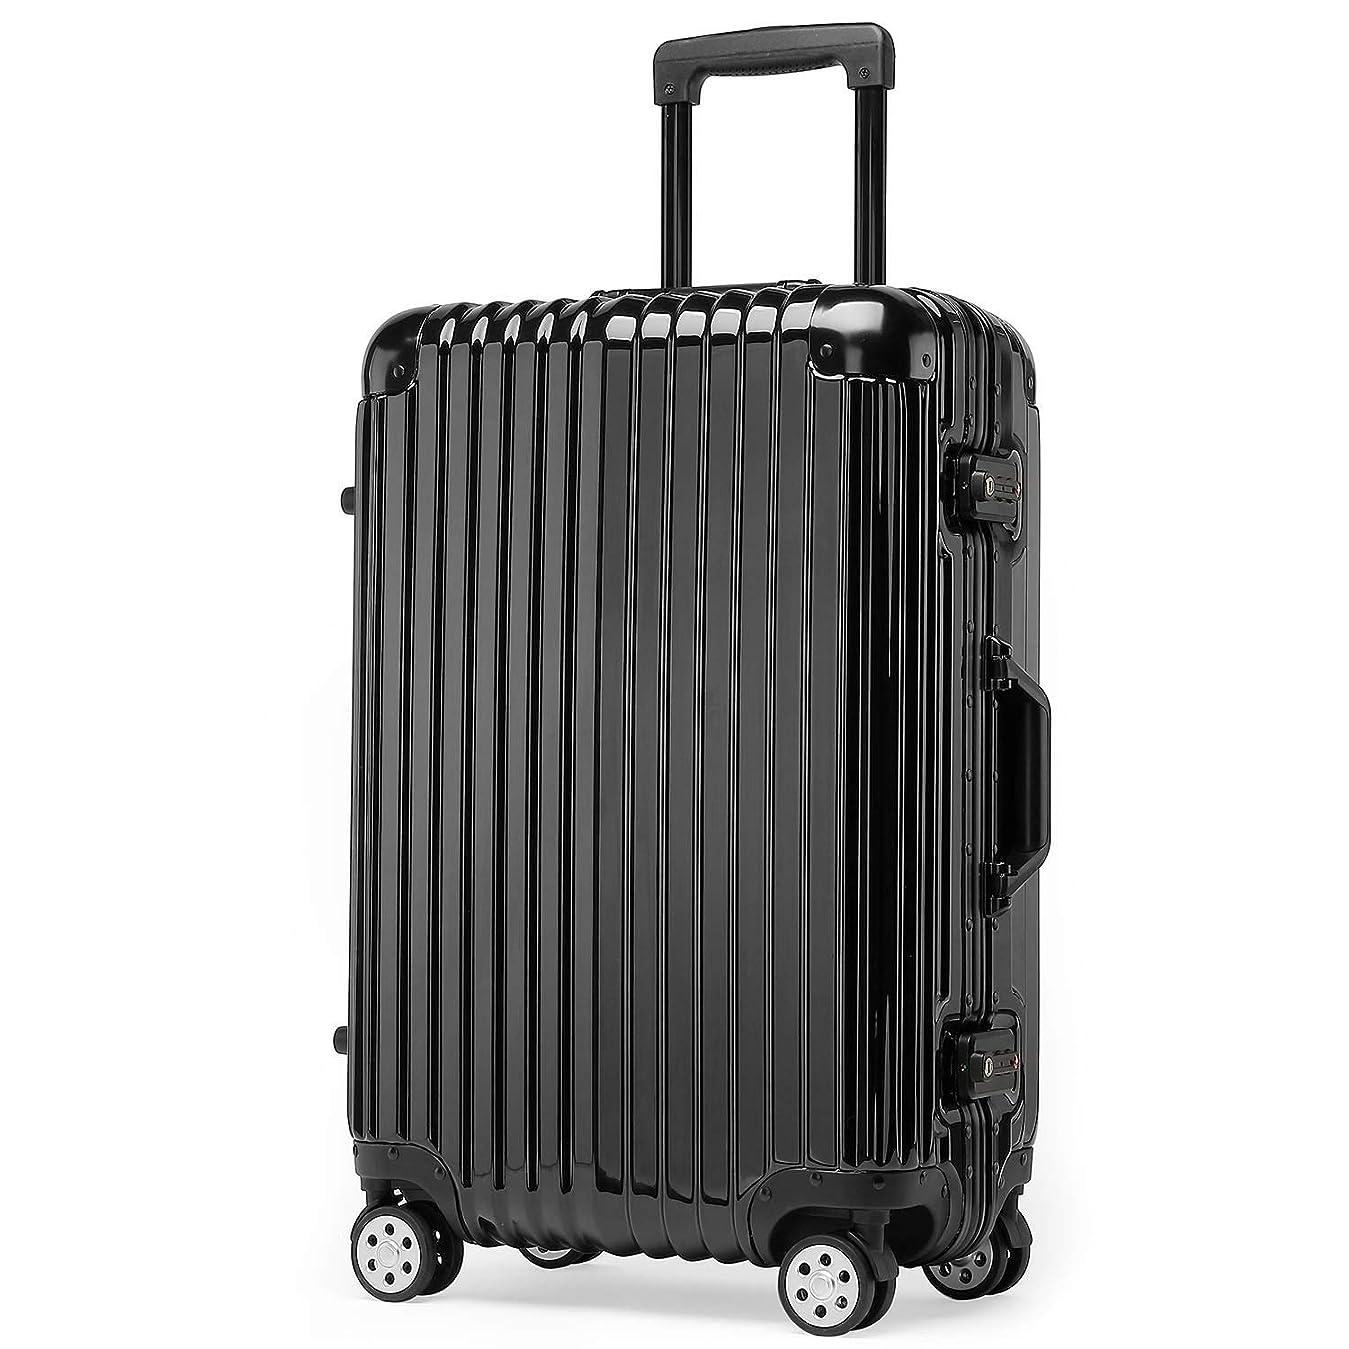 私達隣人乳クロース(Kroeus)スーツケース キャリーケース 耐衝撃 仕切り板 クロスベルト付き メッシュポケット 海外旅行 出張 360度静音キャスター 保護用ガード TSAロック 大容量